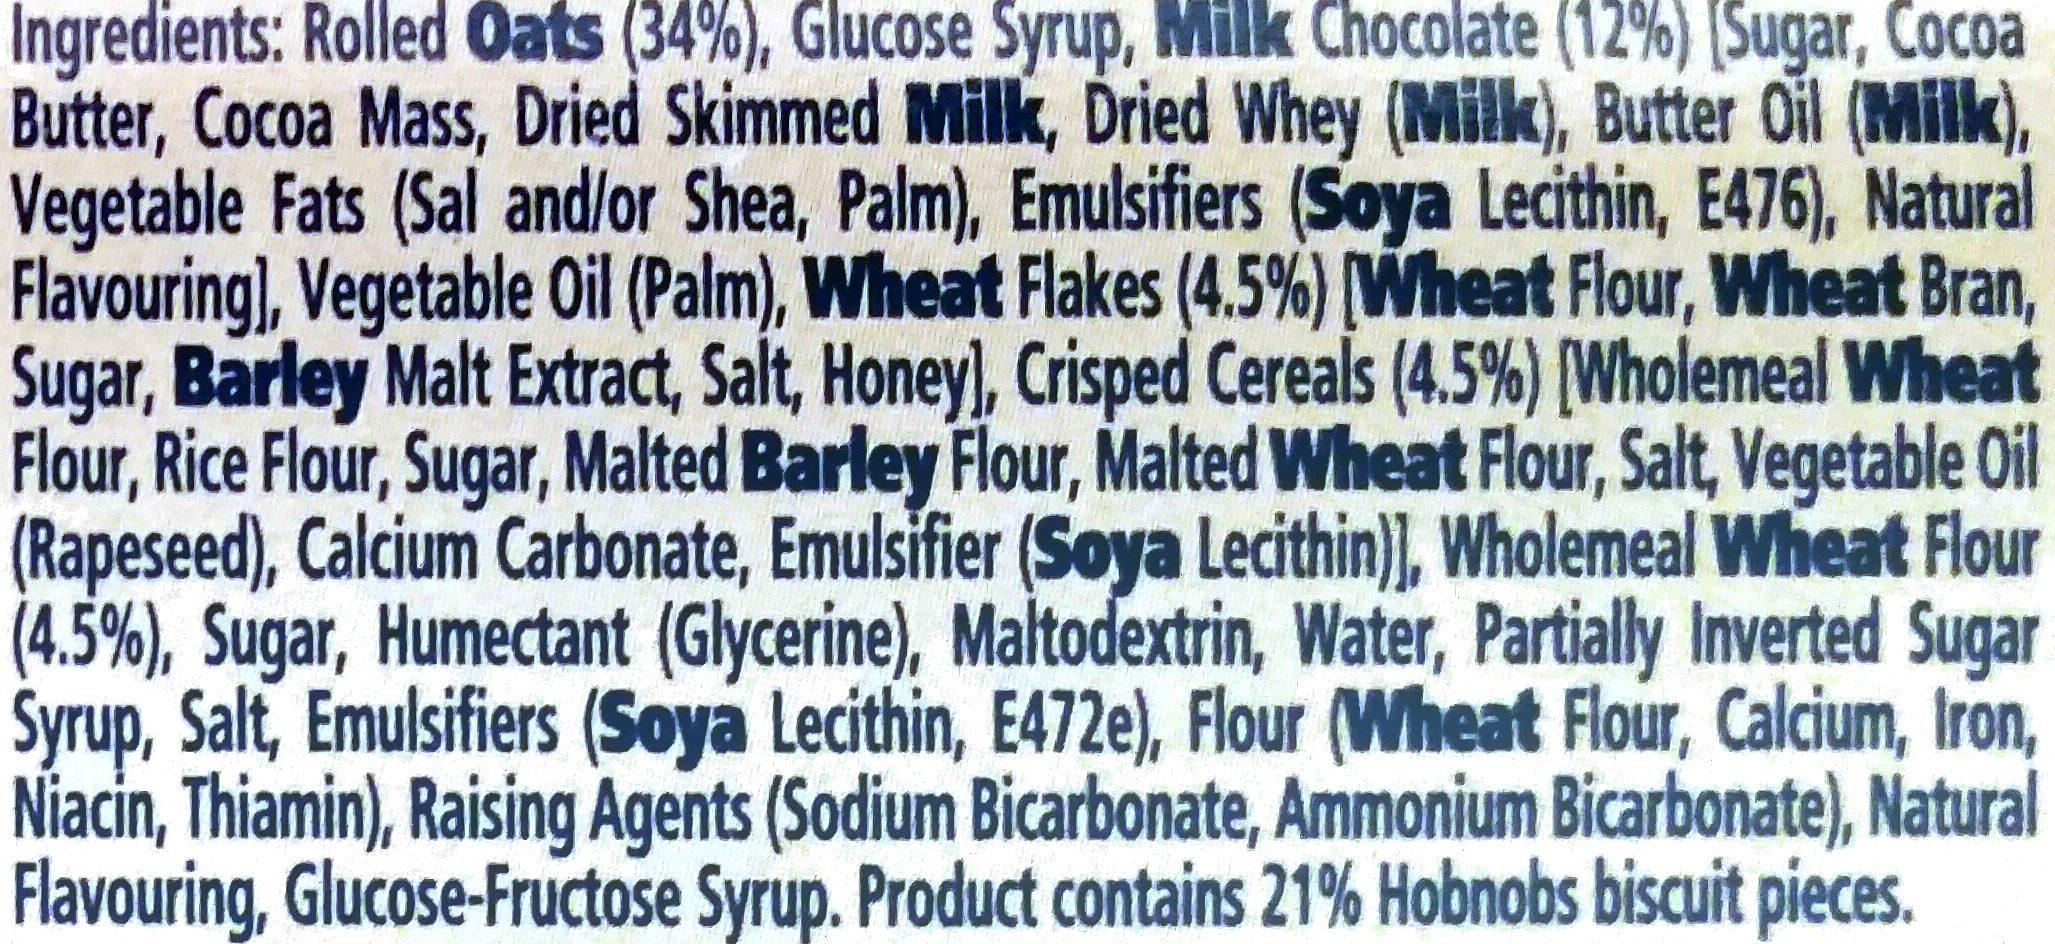 Hobnobs - Ingredients